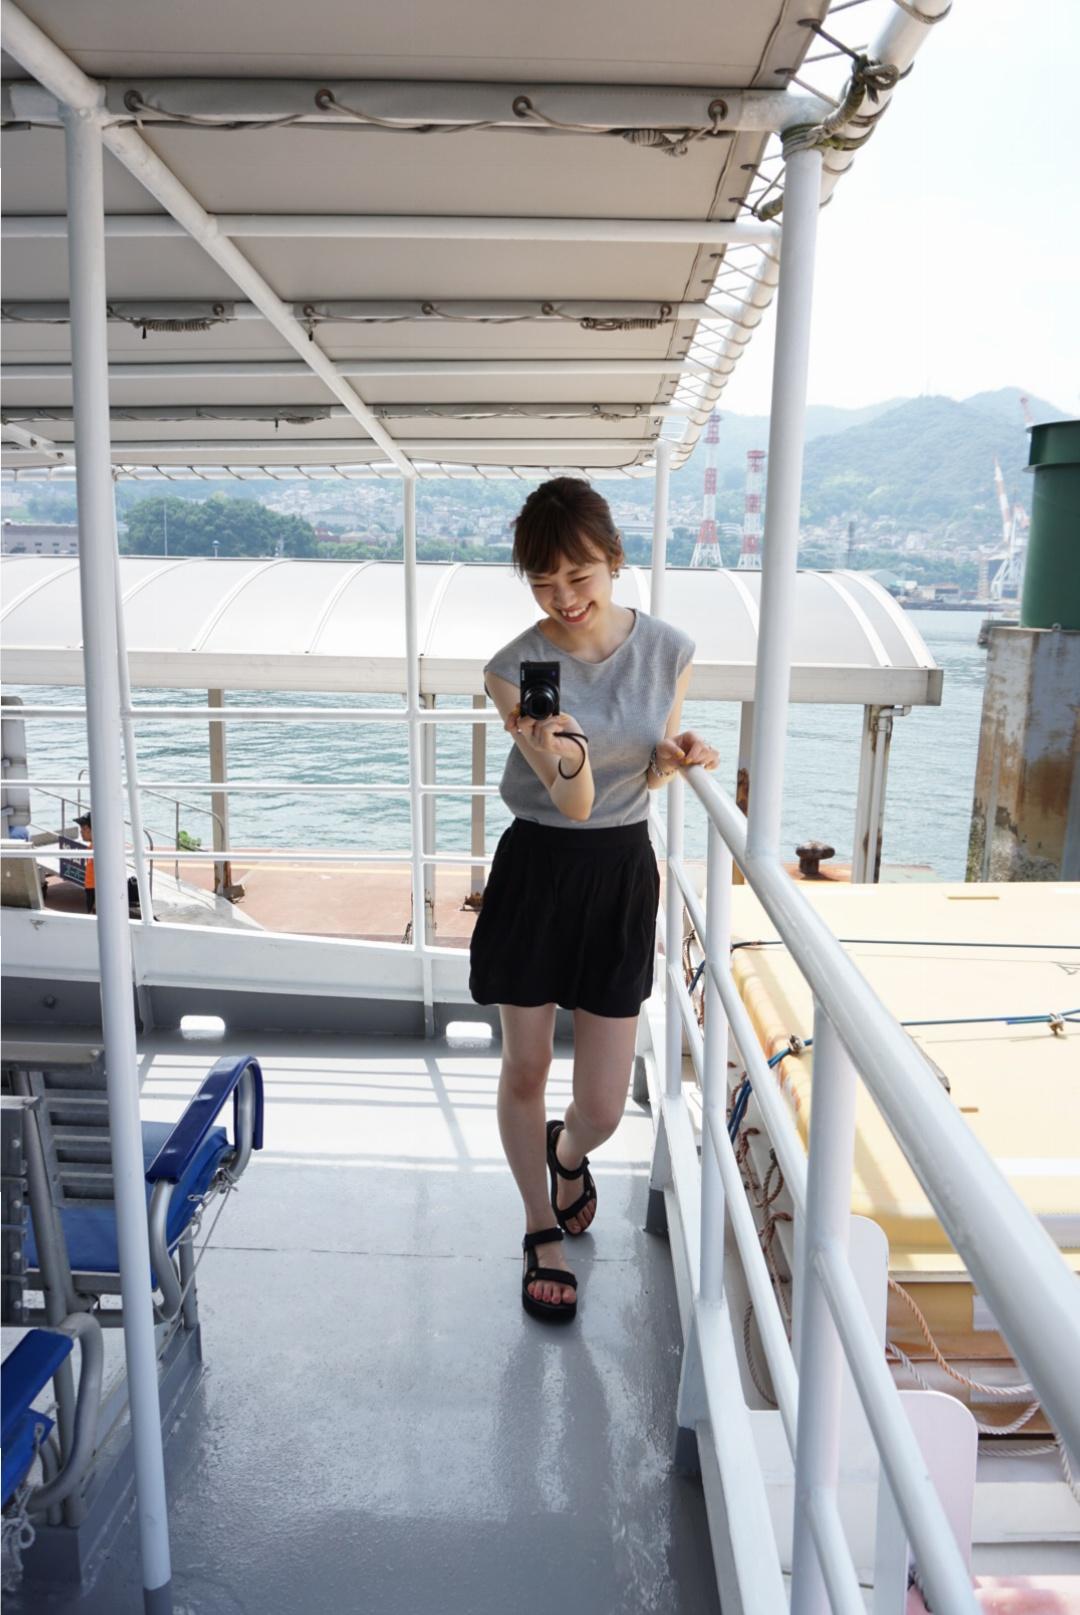 ★ガイドブックを持たずに【宮島】へ。1日密着!したいこと•食べたいもの、ぎゅーっと1日に詰め込んでとても充実した旅に!_20